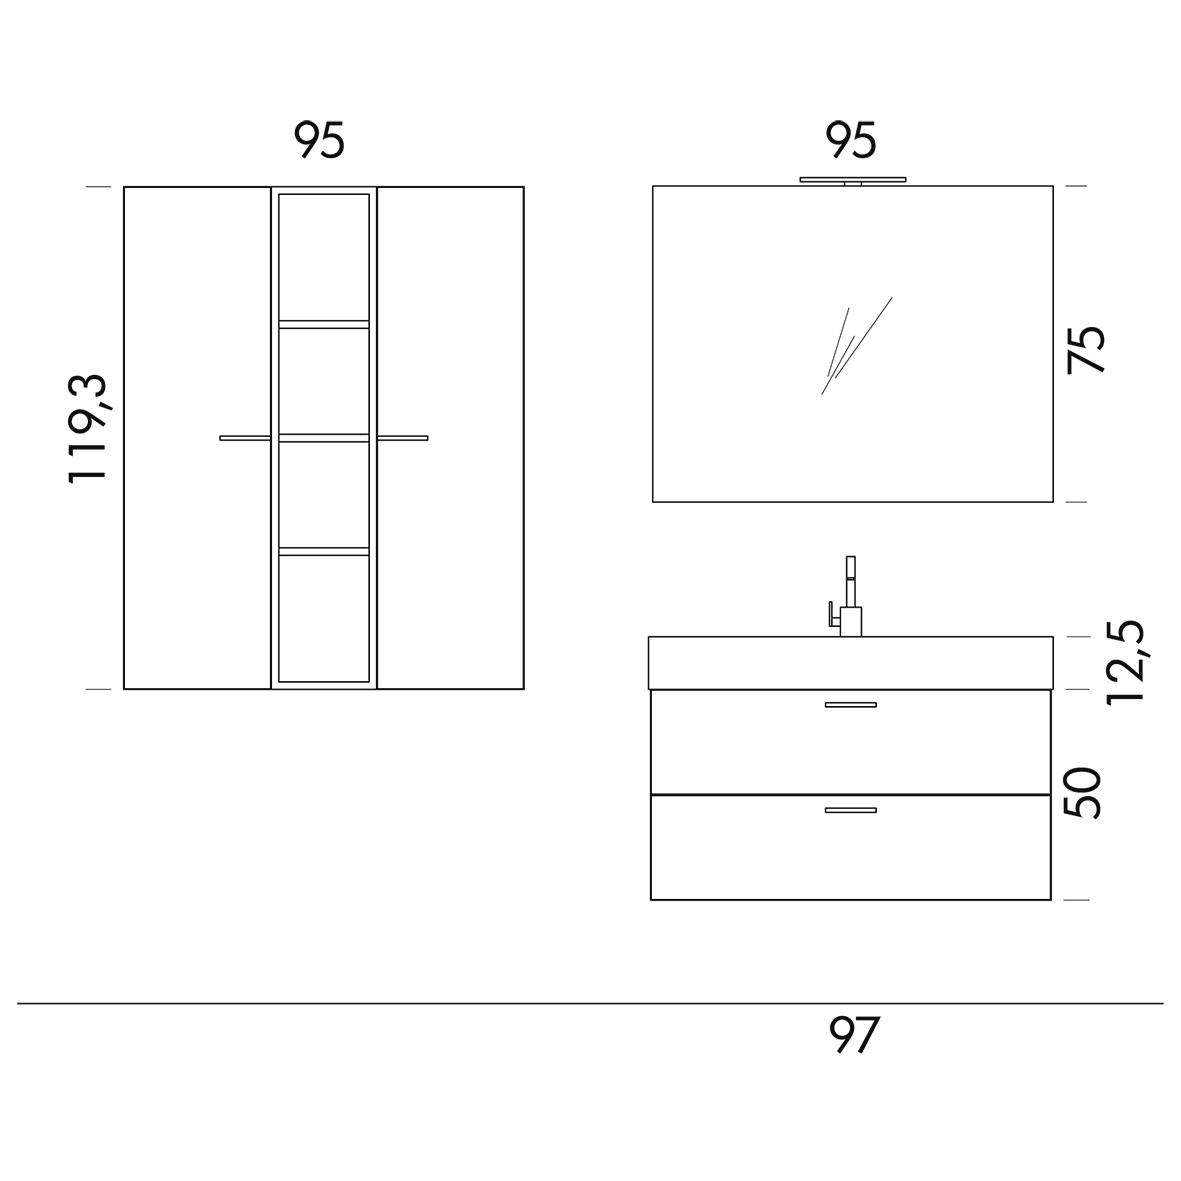 b201 77 life - mobile arredo bagno design l 95+97 x p 20,8/51,5 cm ... - Misure Arredo Bagno